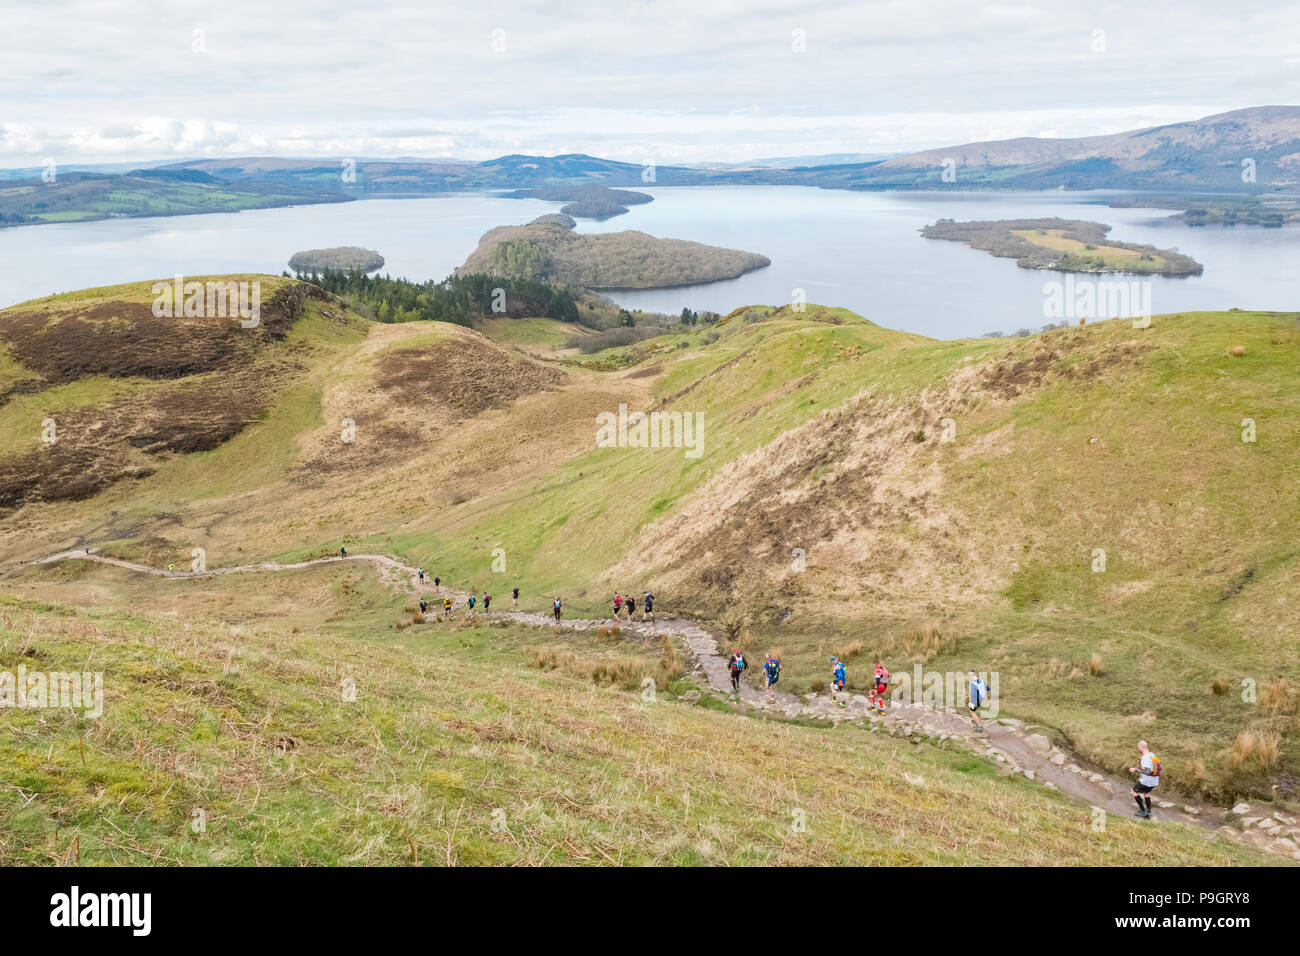 Concorrenti conico decrescente collina che si affaccia sul Loch Lomond Scozia, Regno Unito durante le Highland Fling Festival ultra maratona trail - Aprile 2018 Immagini Stock